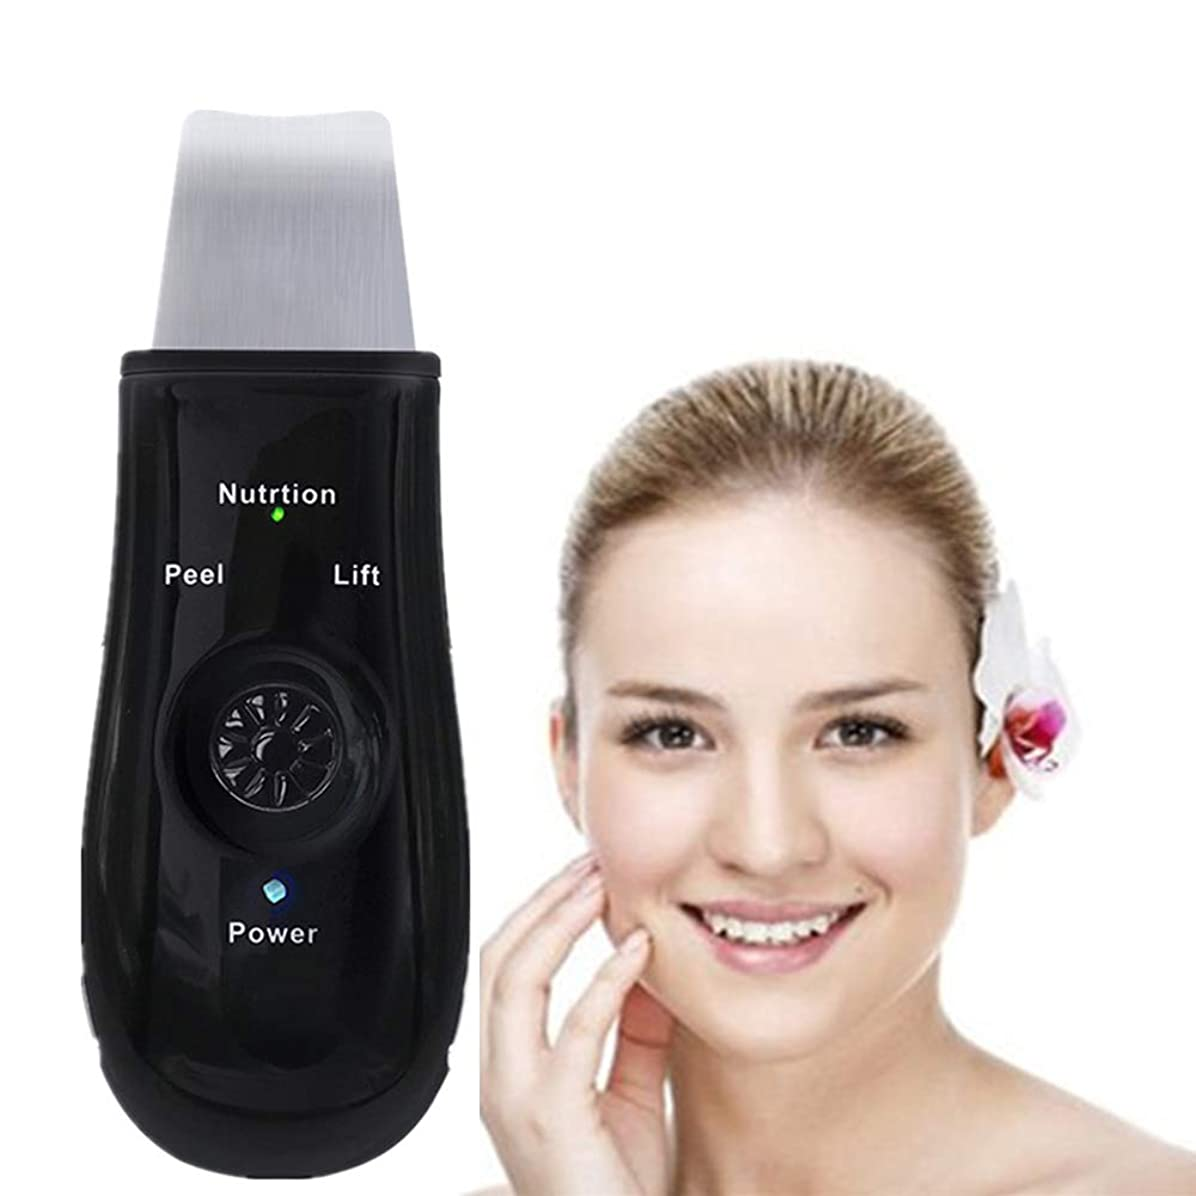 ハードドナー予報充電式 - 黒の除去機のUSBピーリングリフティングEMSクレンジングエクスフォリエイティングスキンケアピーリングと顔の皮膚のスクラバーピール毛穴ツール装置ブラックヘッドリムーバー毛穴の掃除機